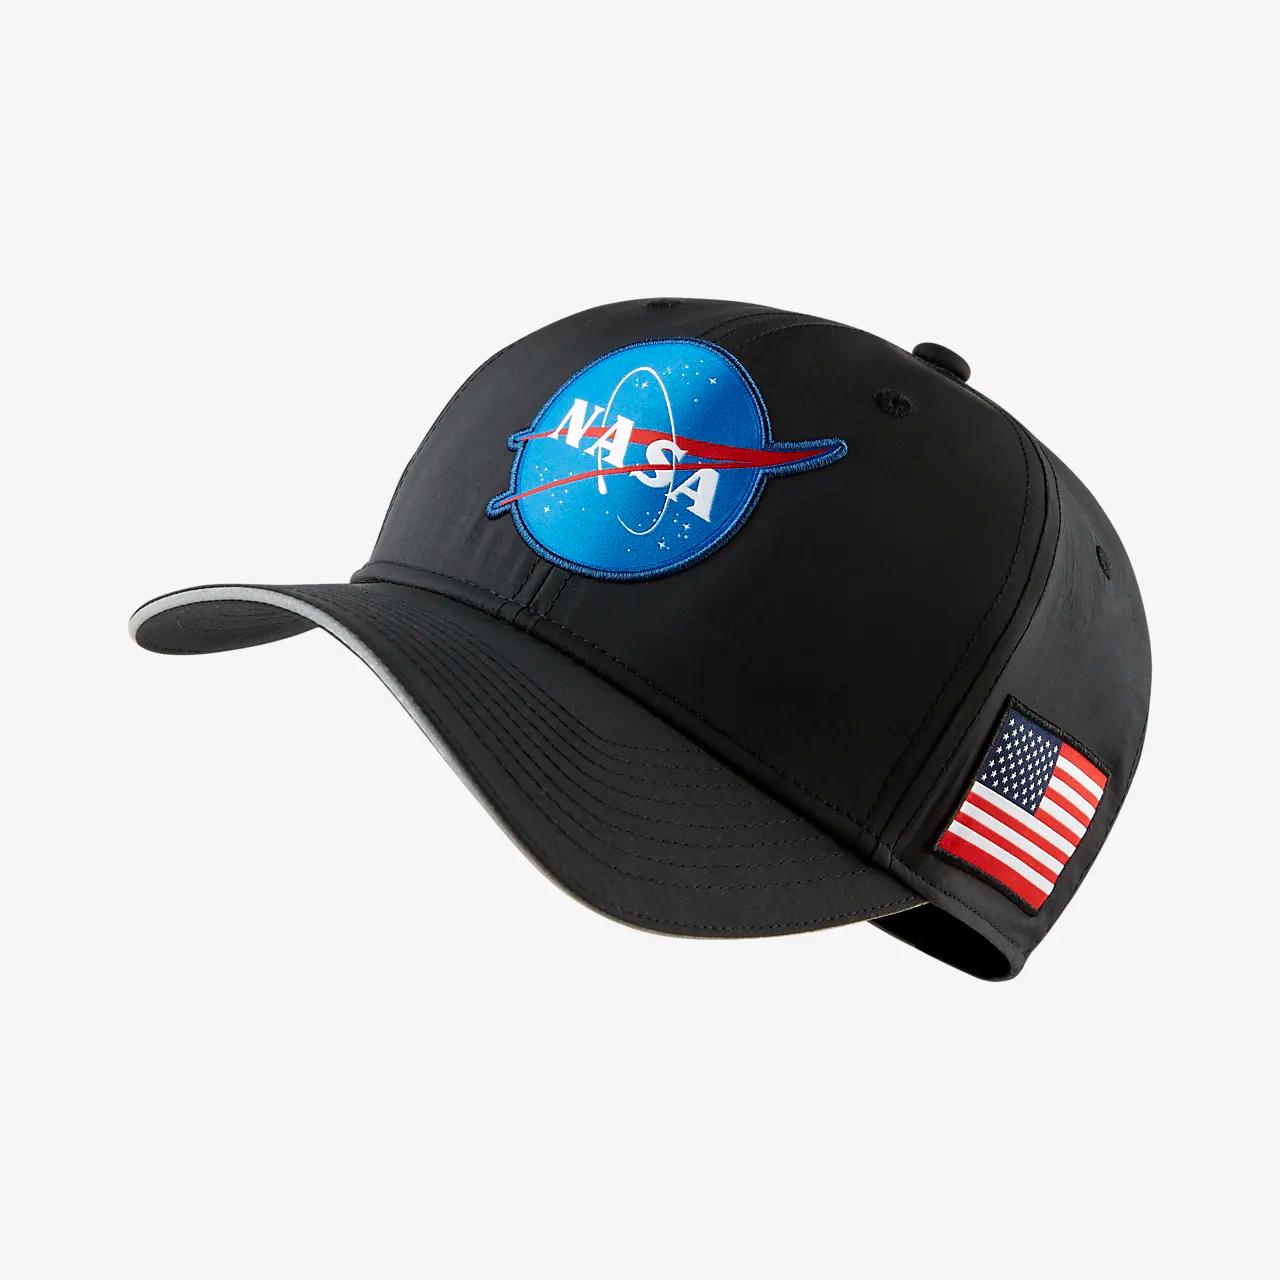 pg-nasa-basketball-hat-04p4Vh.png